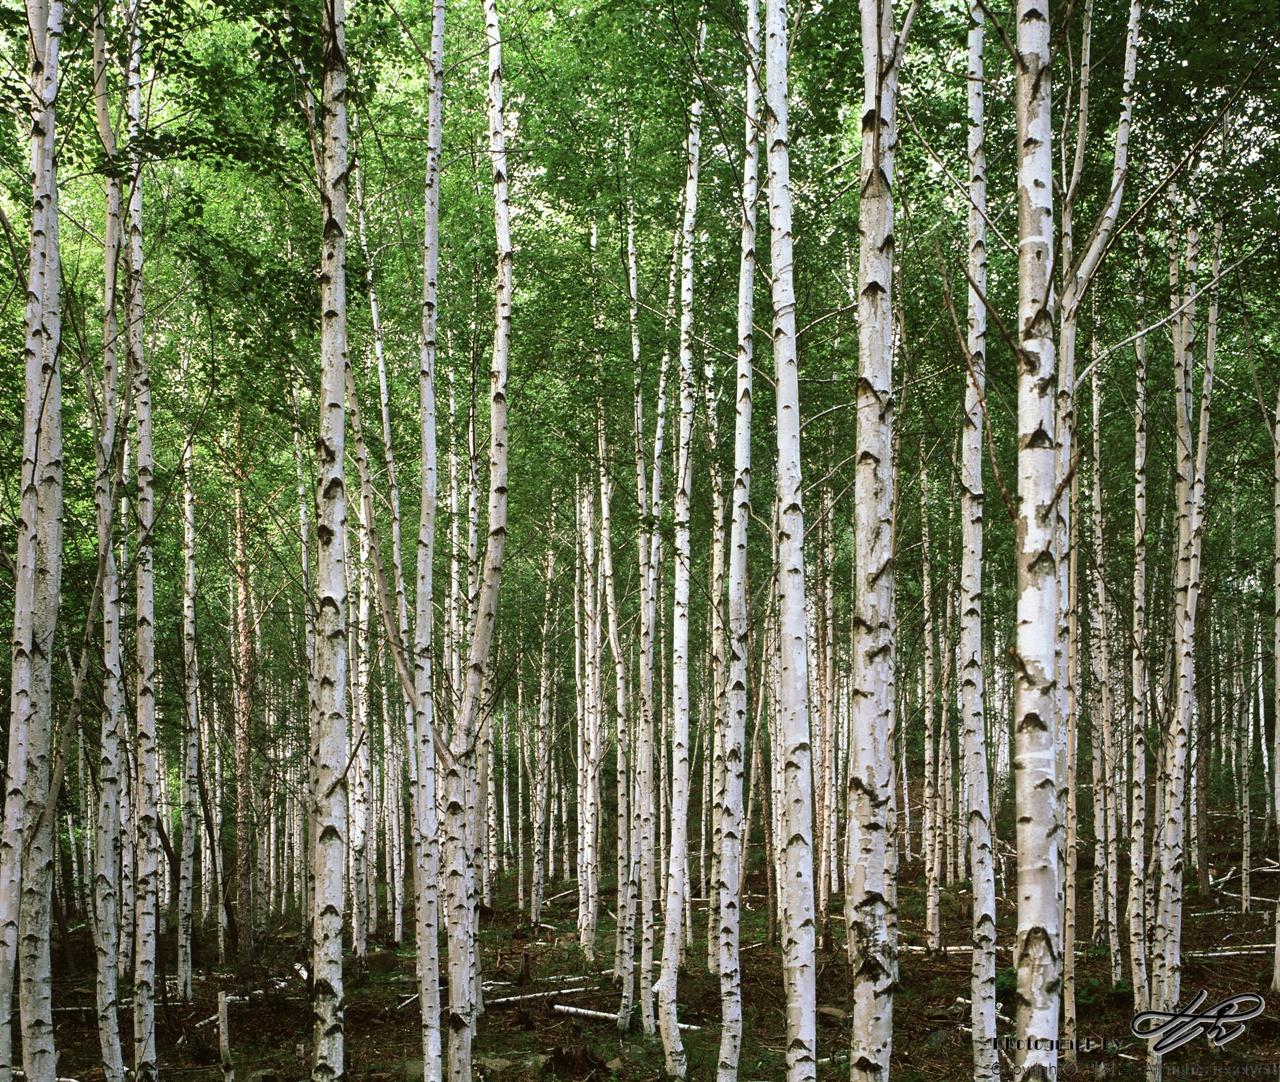 자작나무숲 (67ii/Veivia50)육백마지기들 정상, 풍력발전단지에 이르기 직전, 자그맣게 조성되어있는 자작나무 숲.